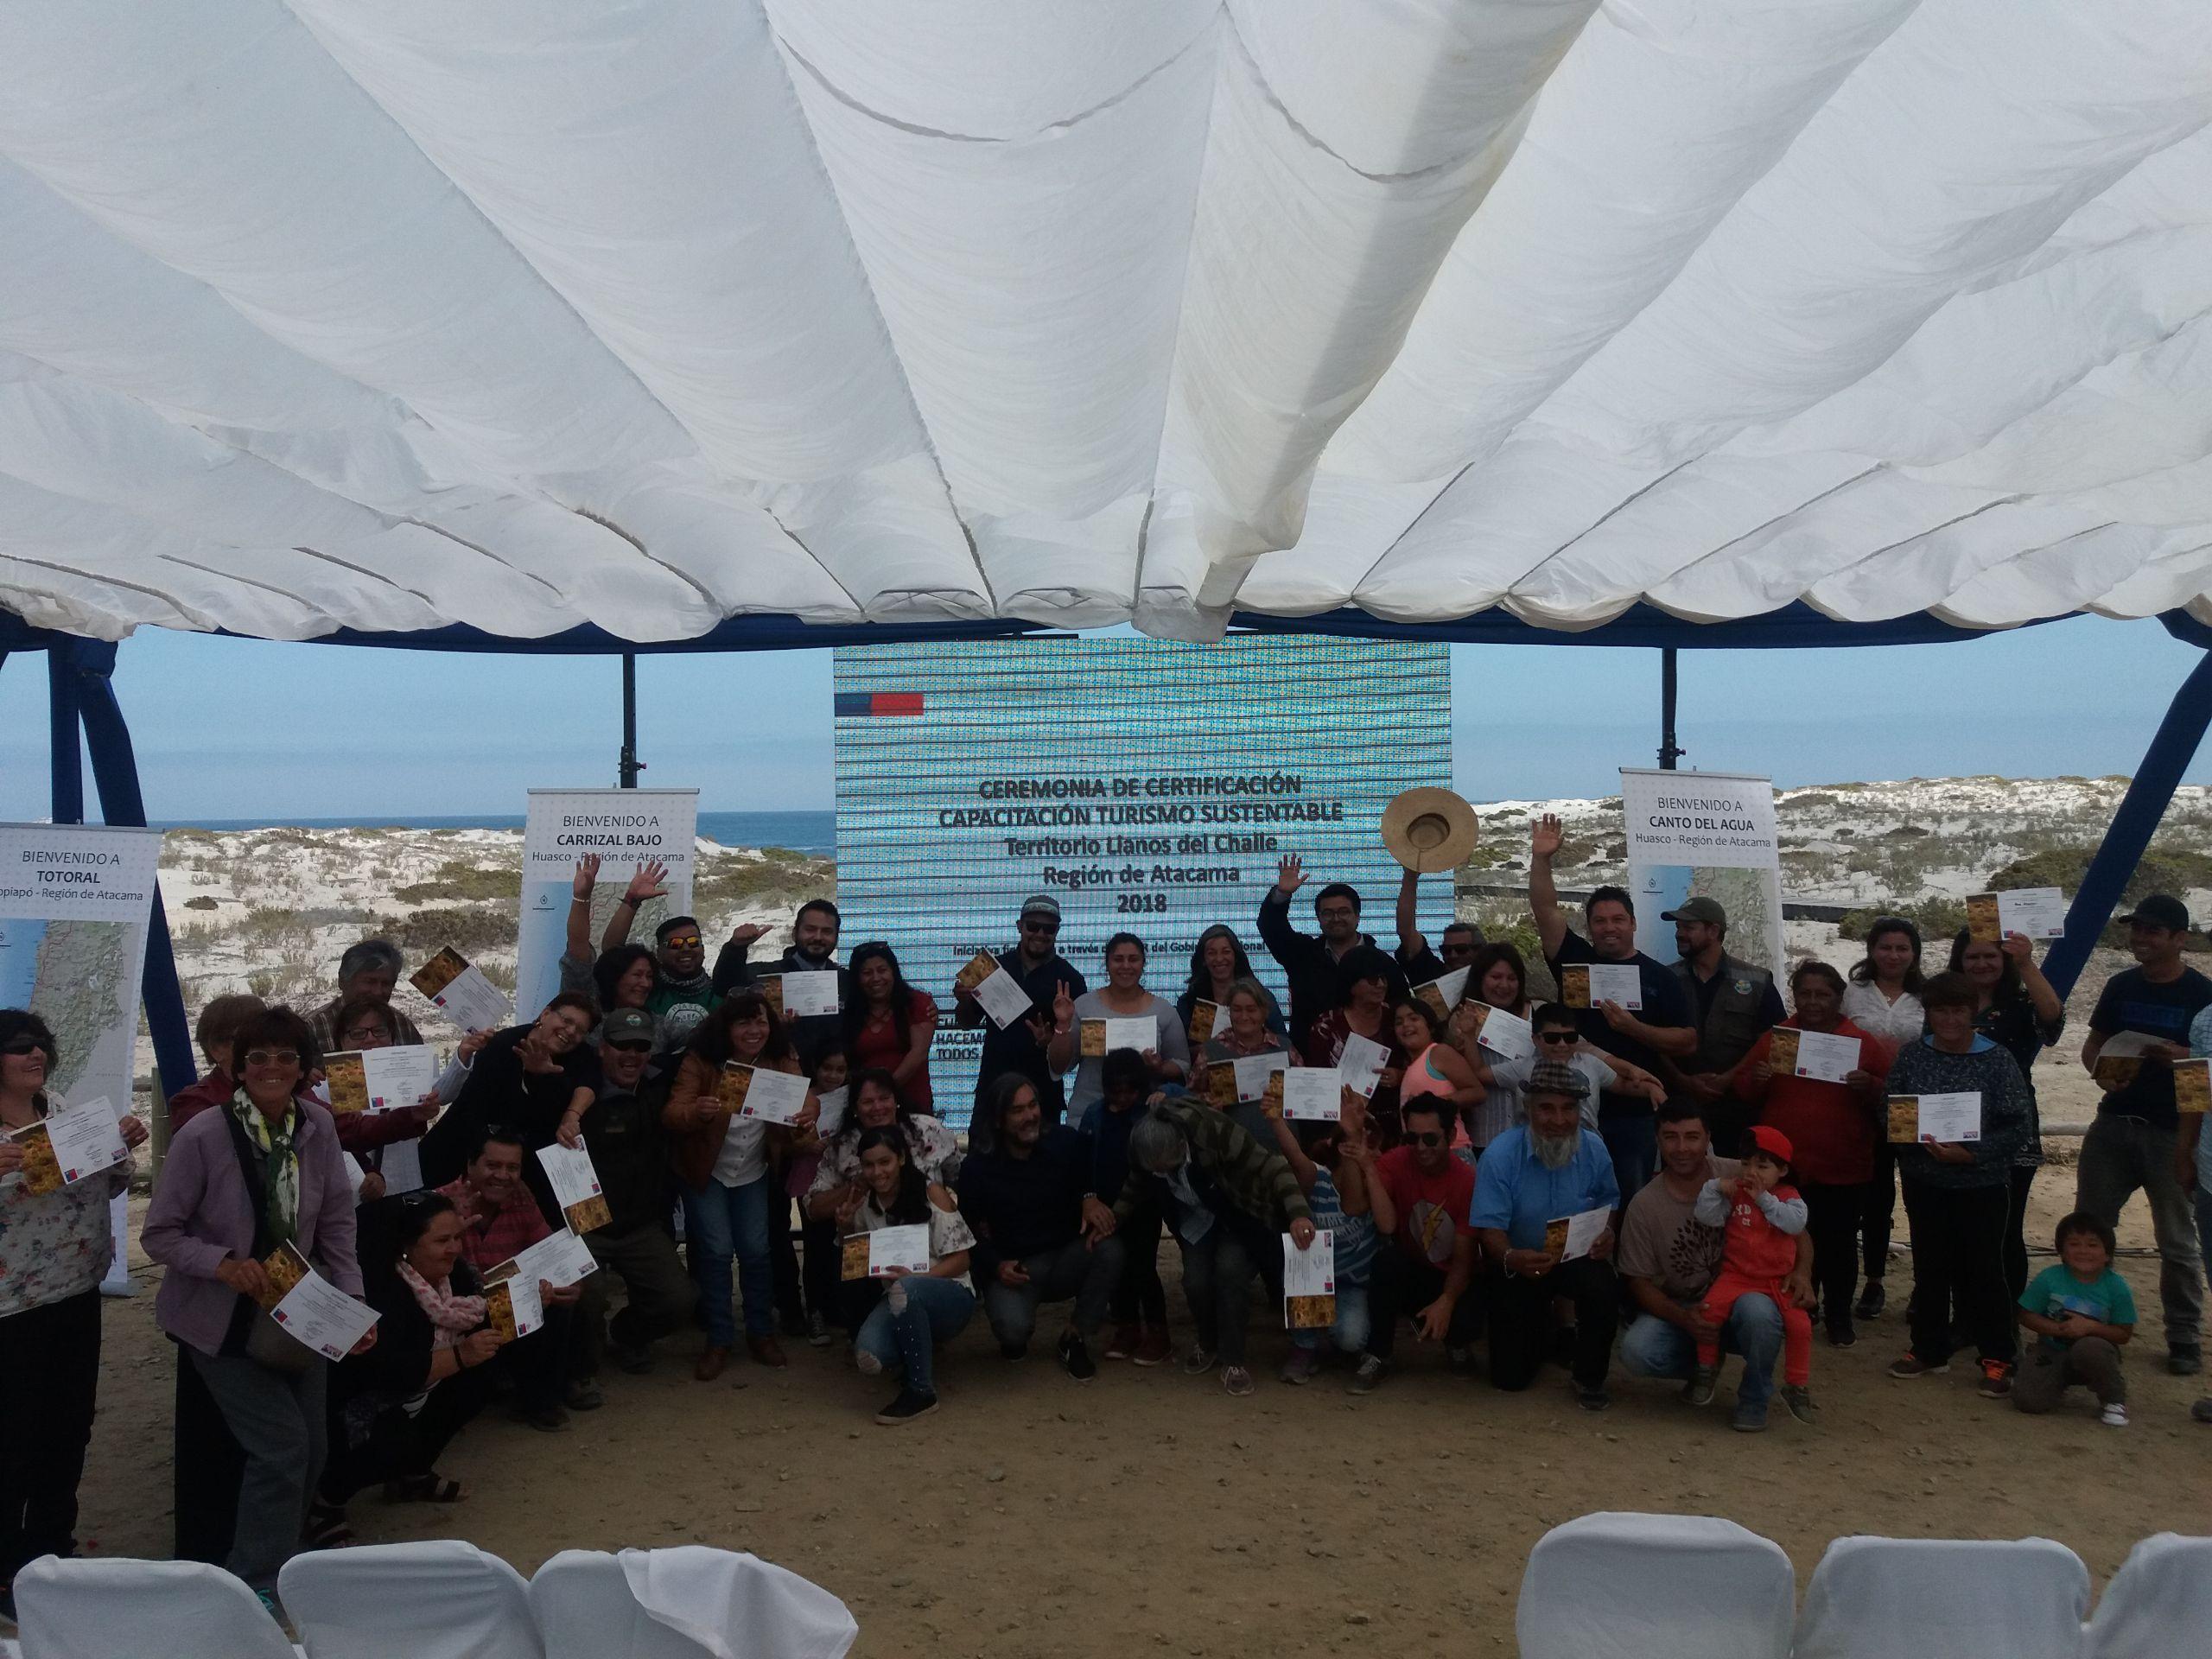 36 vecinos del sector de Llanos de Challe se capacitaron en Turismo Rural